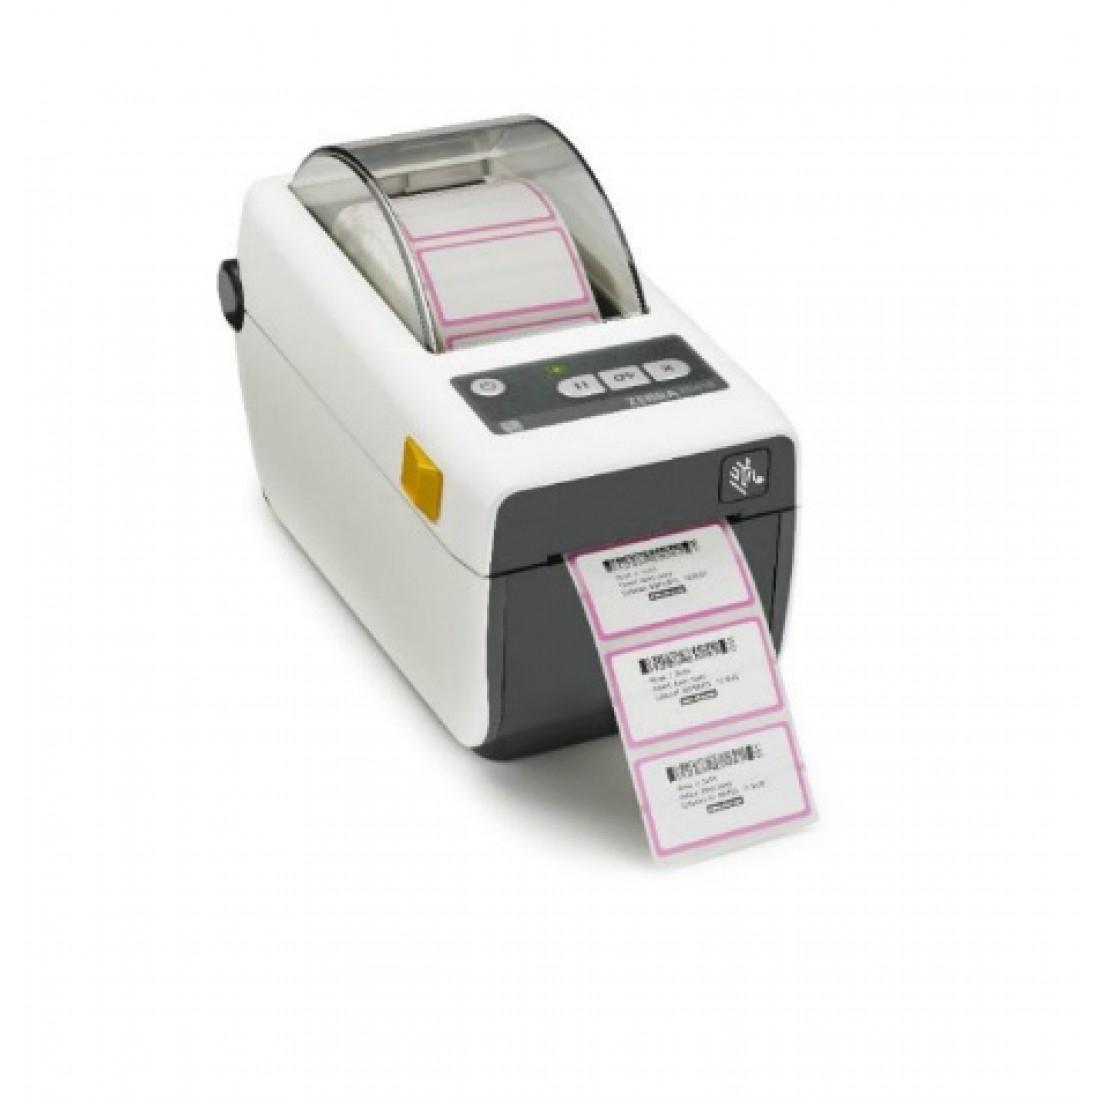 Zebra ZD410 label printer Direct thermal 203 x 203 DPI